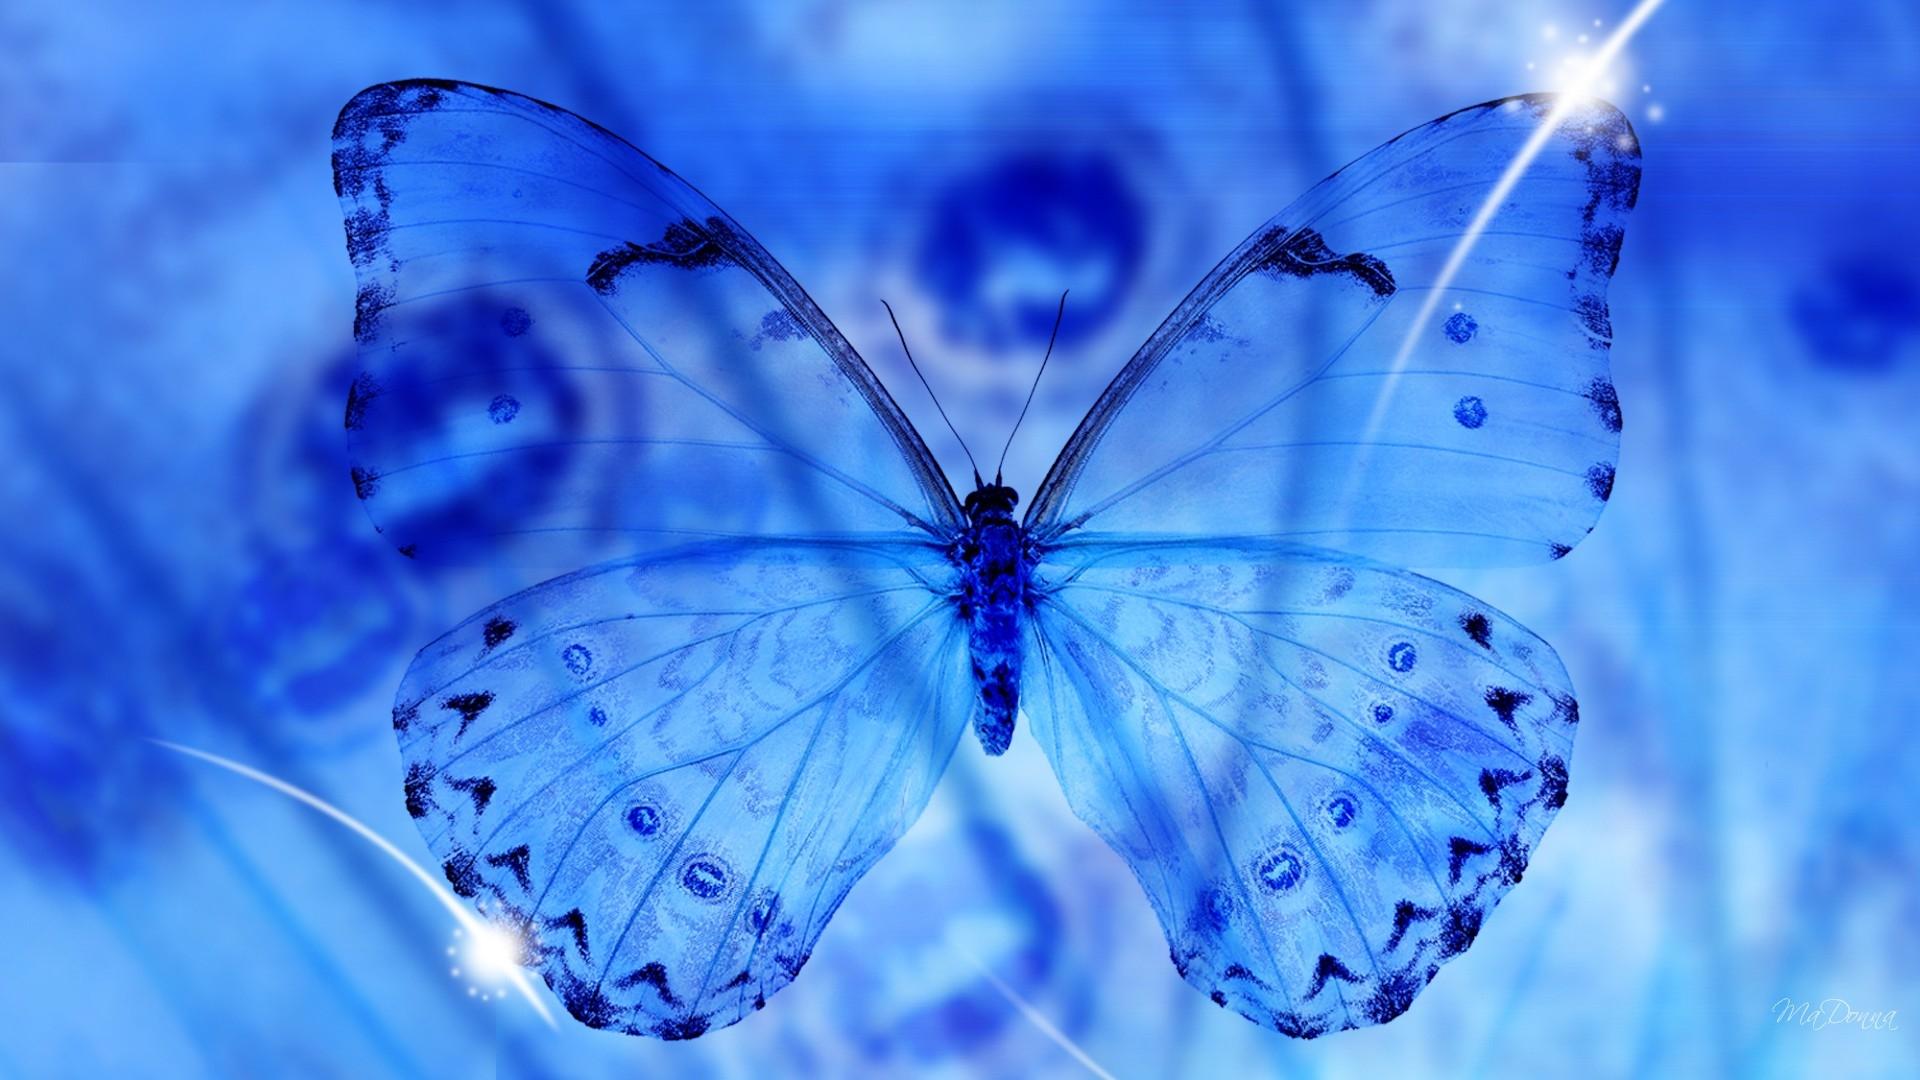 Blue Butterfly Wallpaper HD 1920x1080